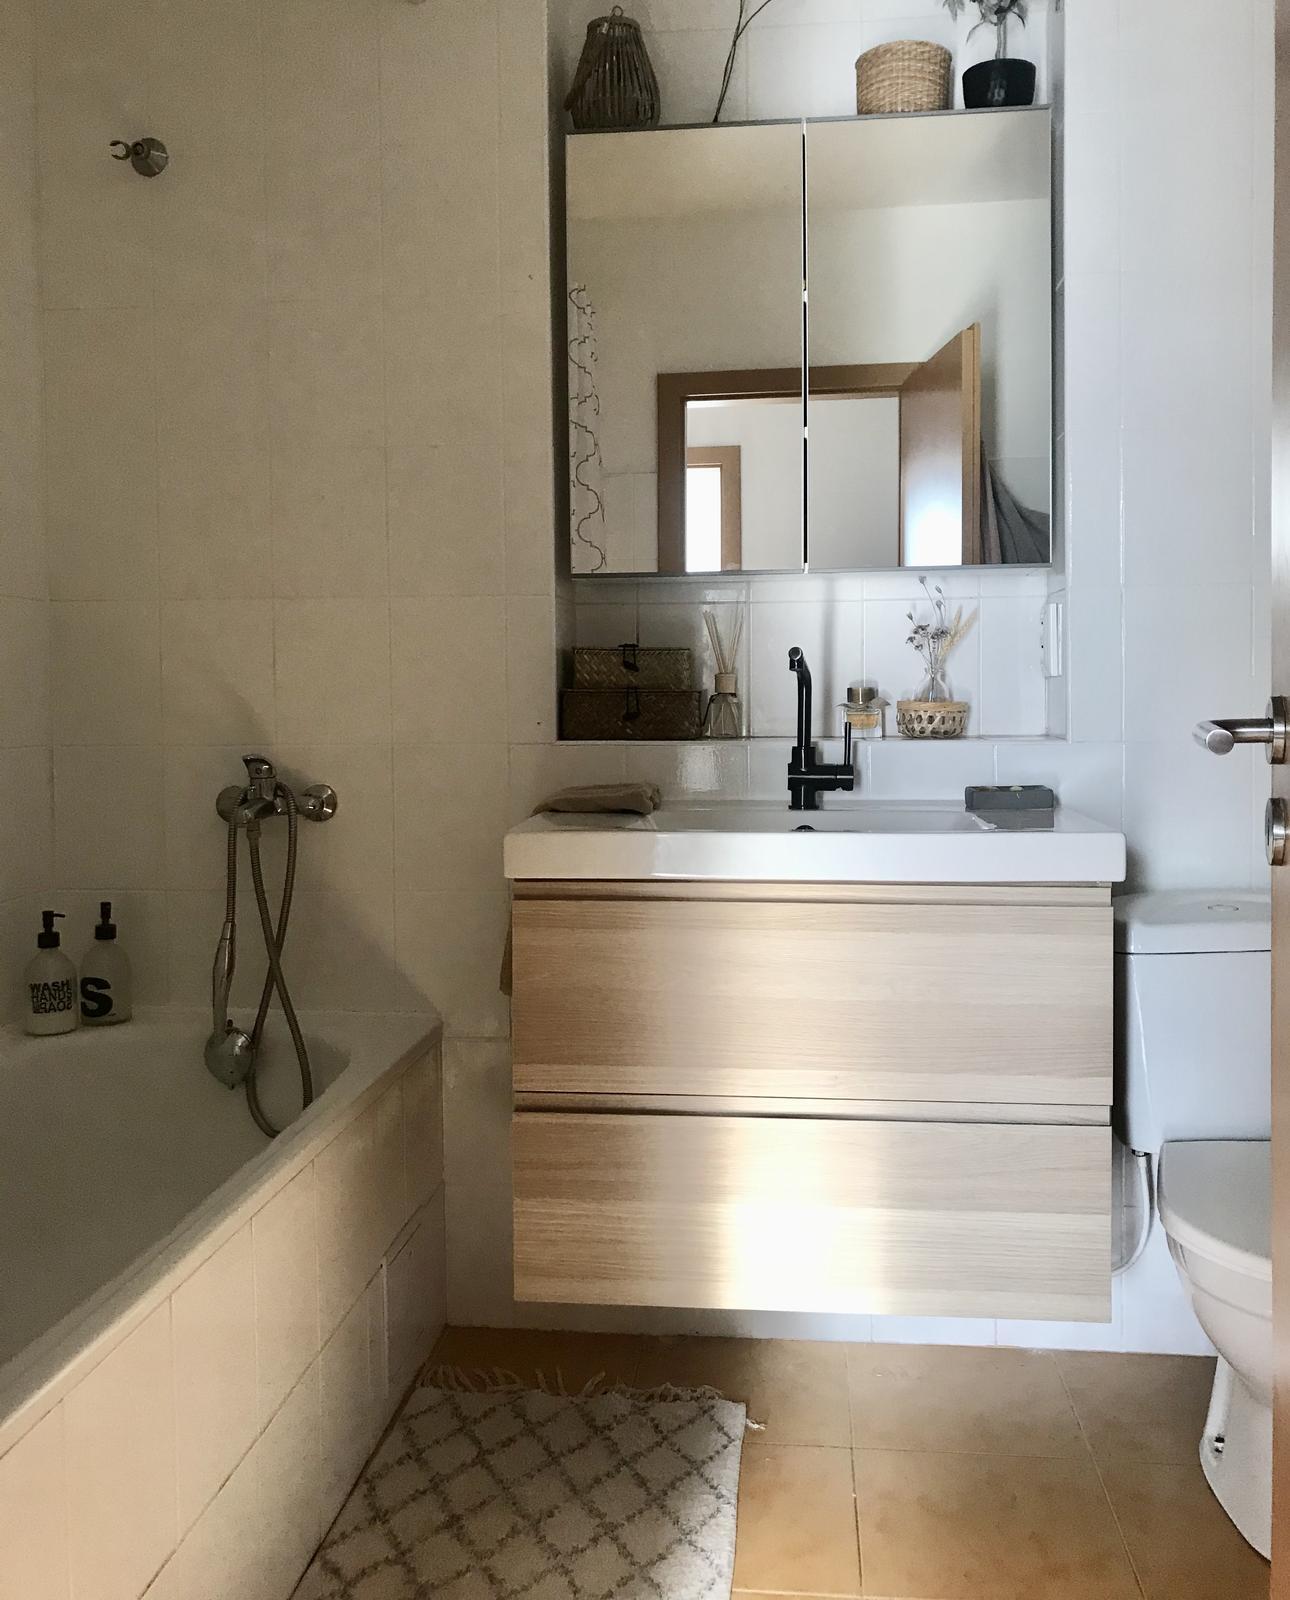 Z příšerné koupelny tvořím trochu lepší 💪 - Tak ještě světlo, podlaha Černá sprcha a Nějaké dřevěné háčky a doplňky a jsem ready 🤩